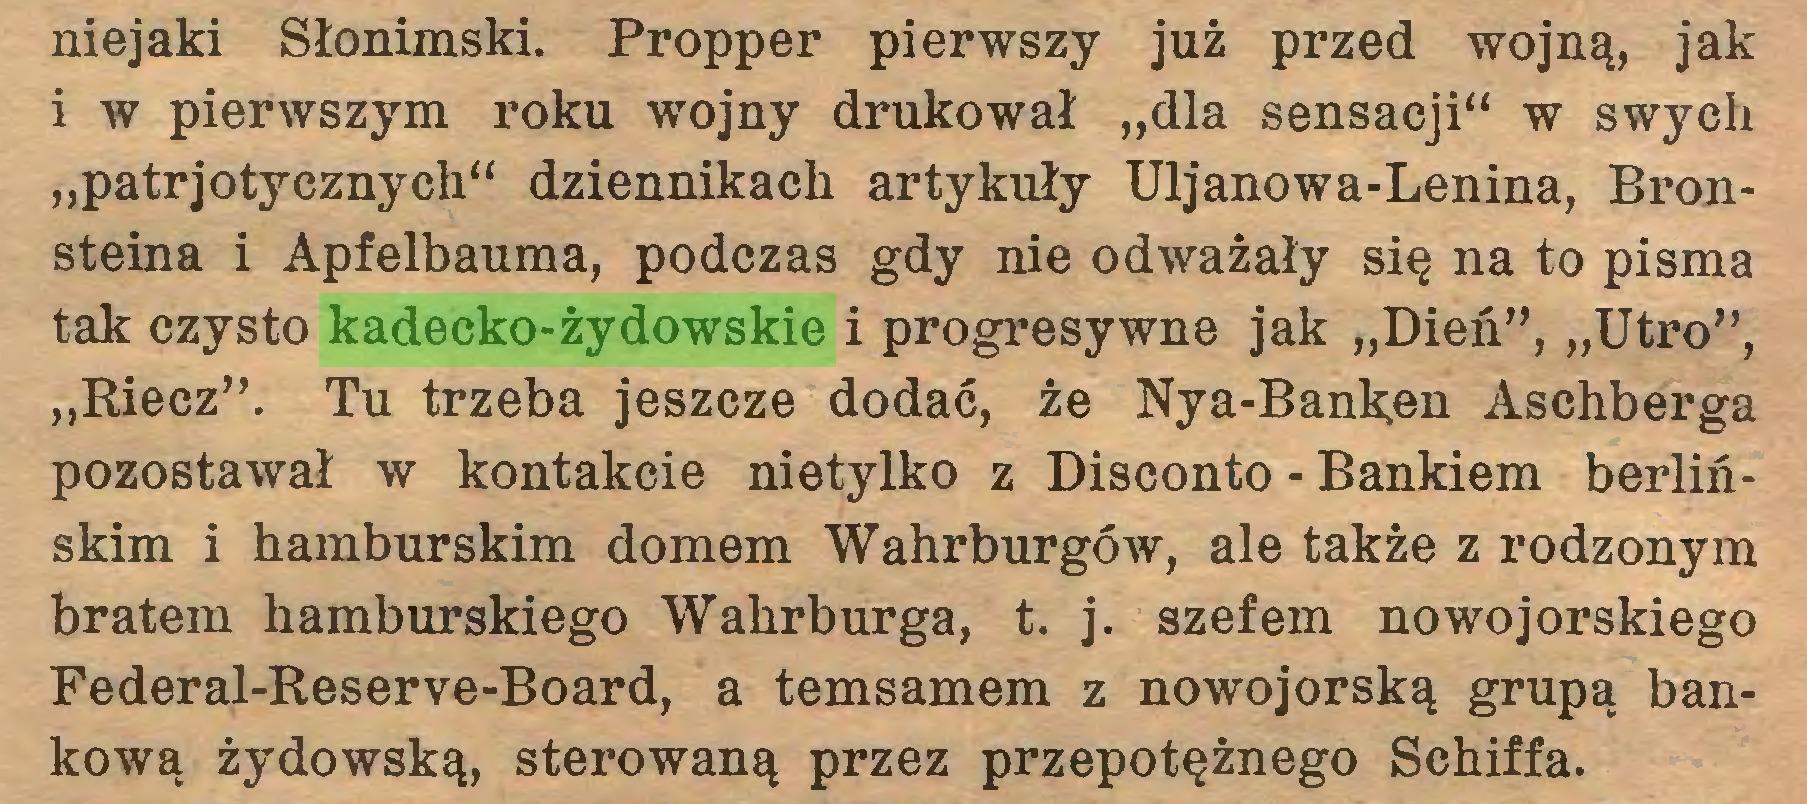 """(...) niejaki Słonimski. Propper pierwszy już przed wojną, jak i w pierwszym roku wojny drukował """"dla sensacji"""" w swych """"patrjotycznych"""" dziennikach artykuły Uljanowa-Lenina, Bronsteina i Apfelbauma, podczas gdy nie odważały się na to pisma tak czysto kadecko-żydowskie i progresywne jak """"Dień,,) """"Utro"""", """"Riecz"""". Tu trzeba jeszcze dodać, że Nya-Bank;en Aschberga pozostawał w kontakcie nietylko z Disconto - Bankiem berlińskim i hamburskim domem Wahrburgów, ale także z rodzonym bratem hamburskiego Wahrburga, t. j. szefem nowojorskiego Federal-Reserve-Board, a temsamem z nowojorską grupą bankową żydowską, sterowaną przez przepotężnego Schiffa..."""